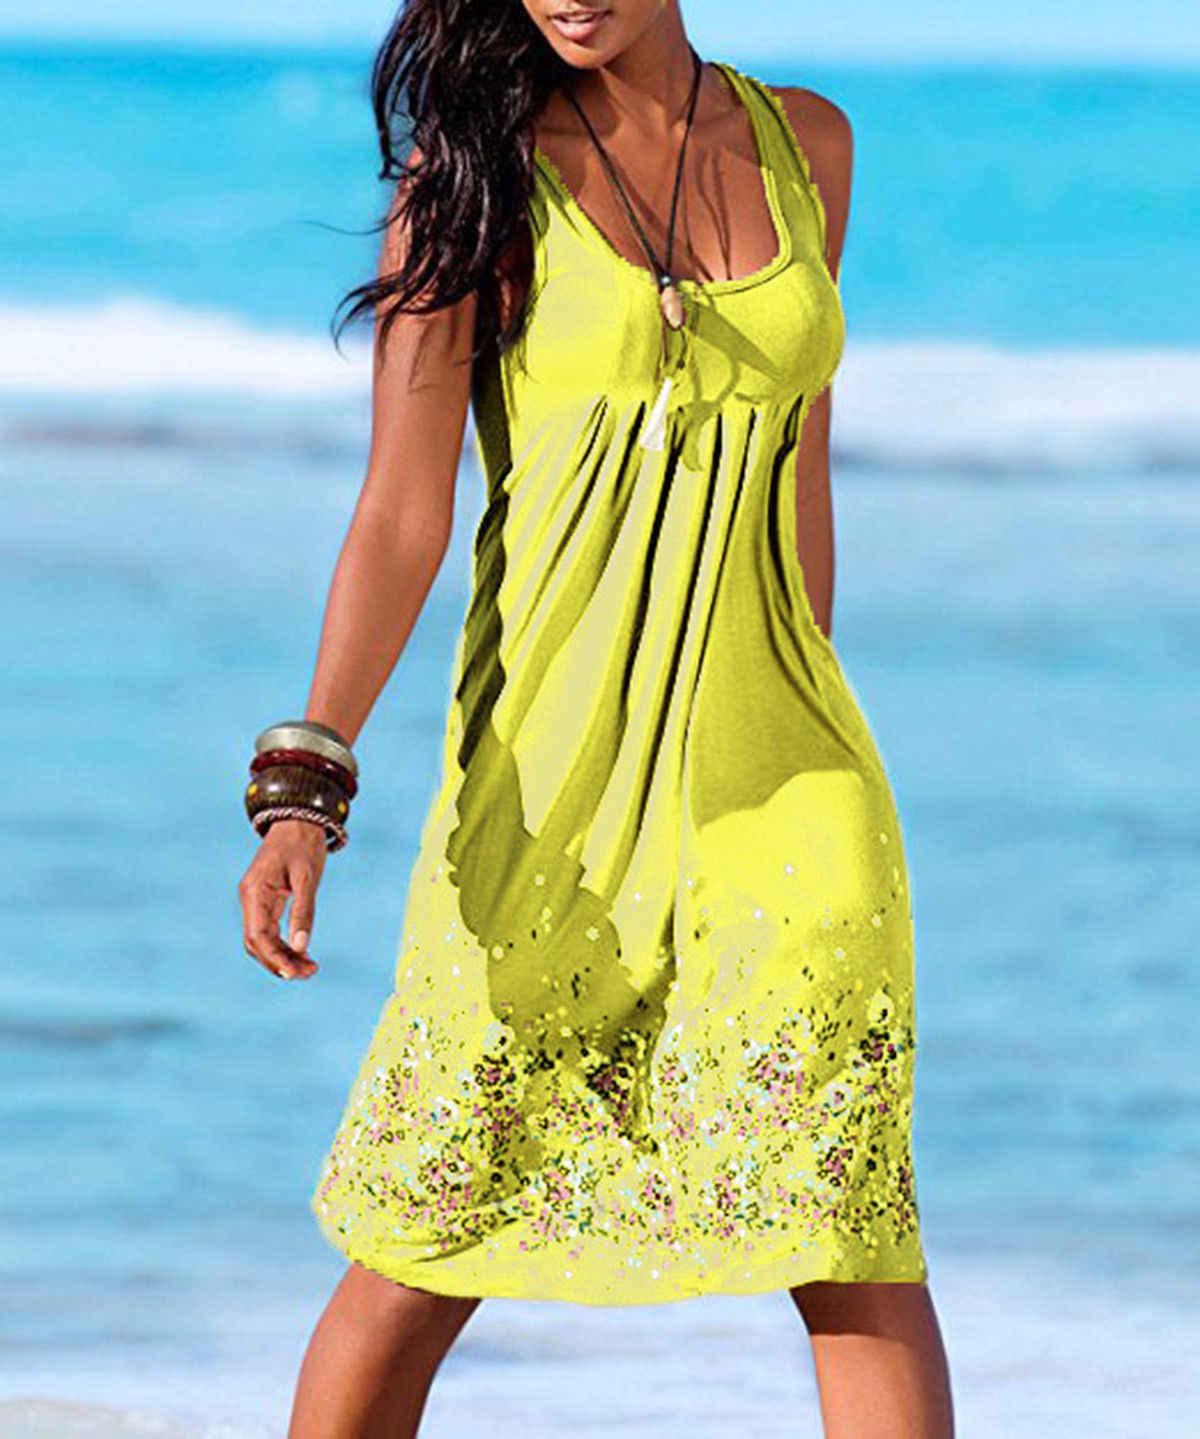 Hirigin Delle Donne di Estate Senza Maniche Boho Beach Sundress Delle Signore Cocktail Party Floreale Del Vestito Più Il Formato